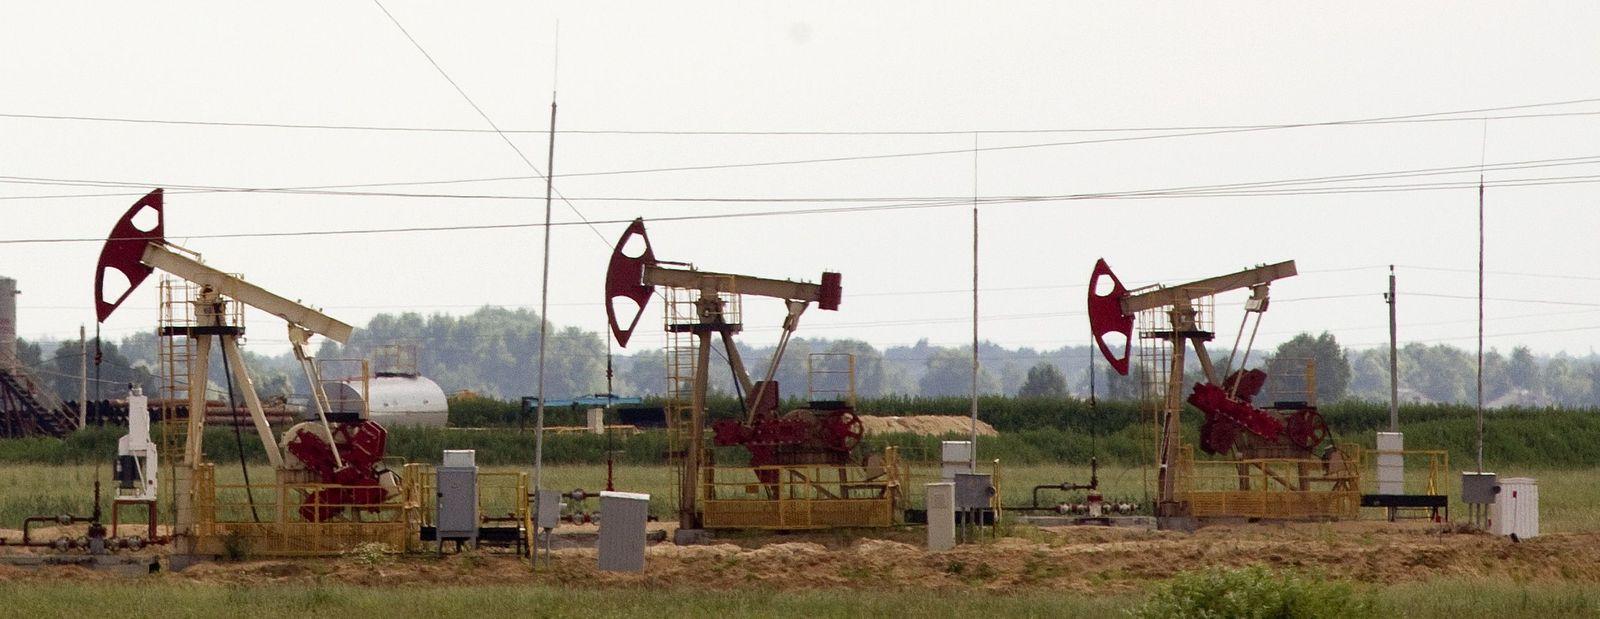 RUSSIA-BELARUS/OIL